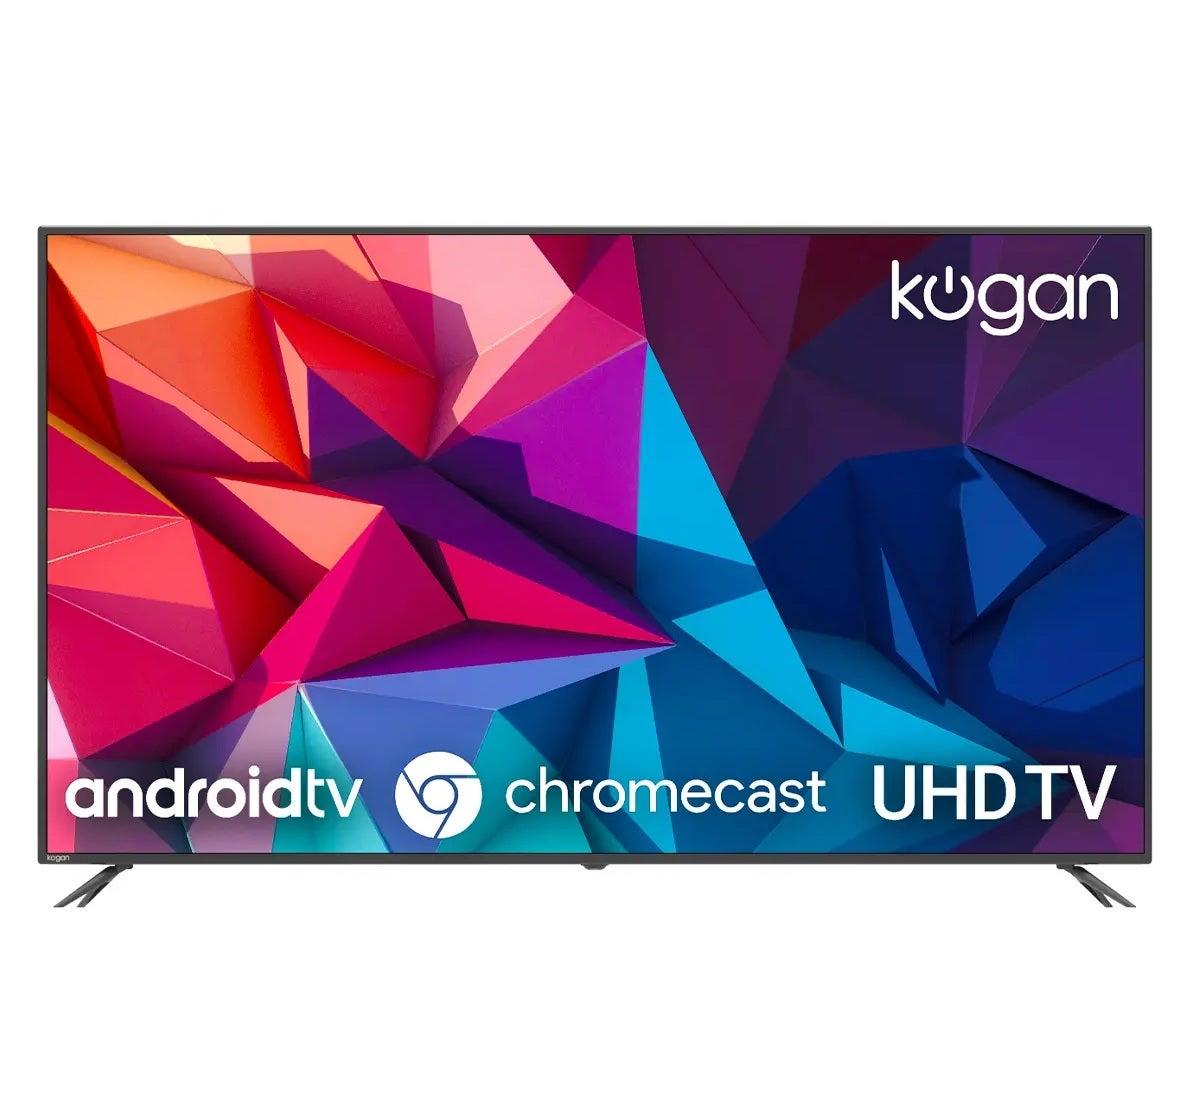 Kogan RT9220 75inch UHD LED TV